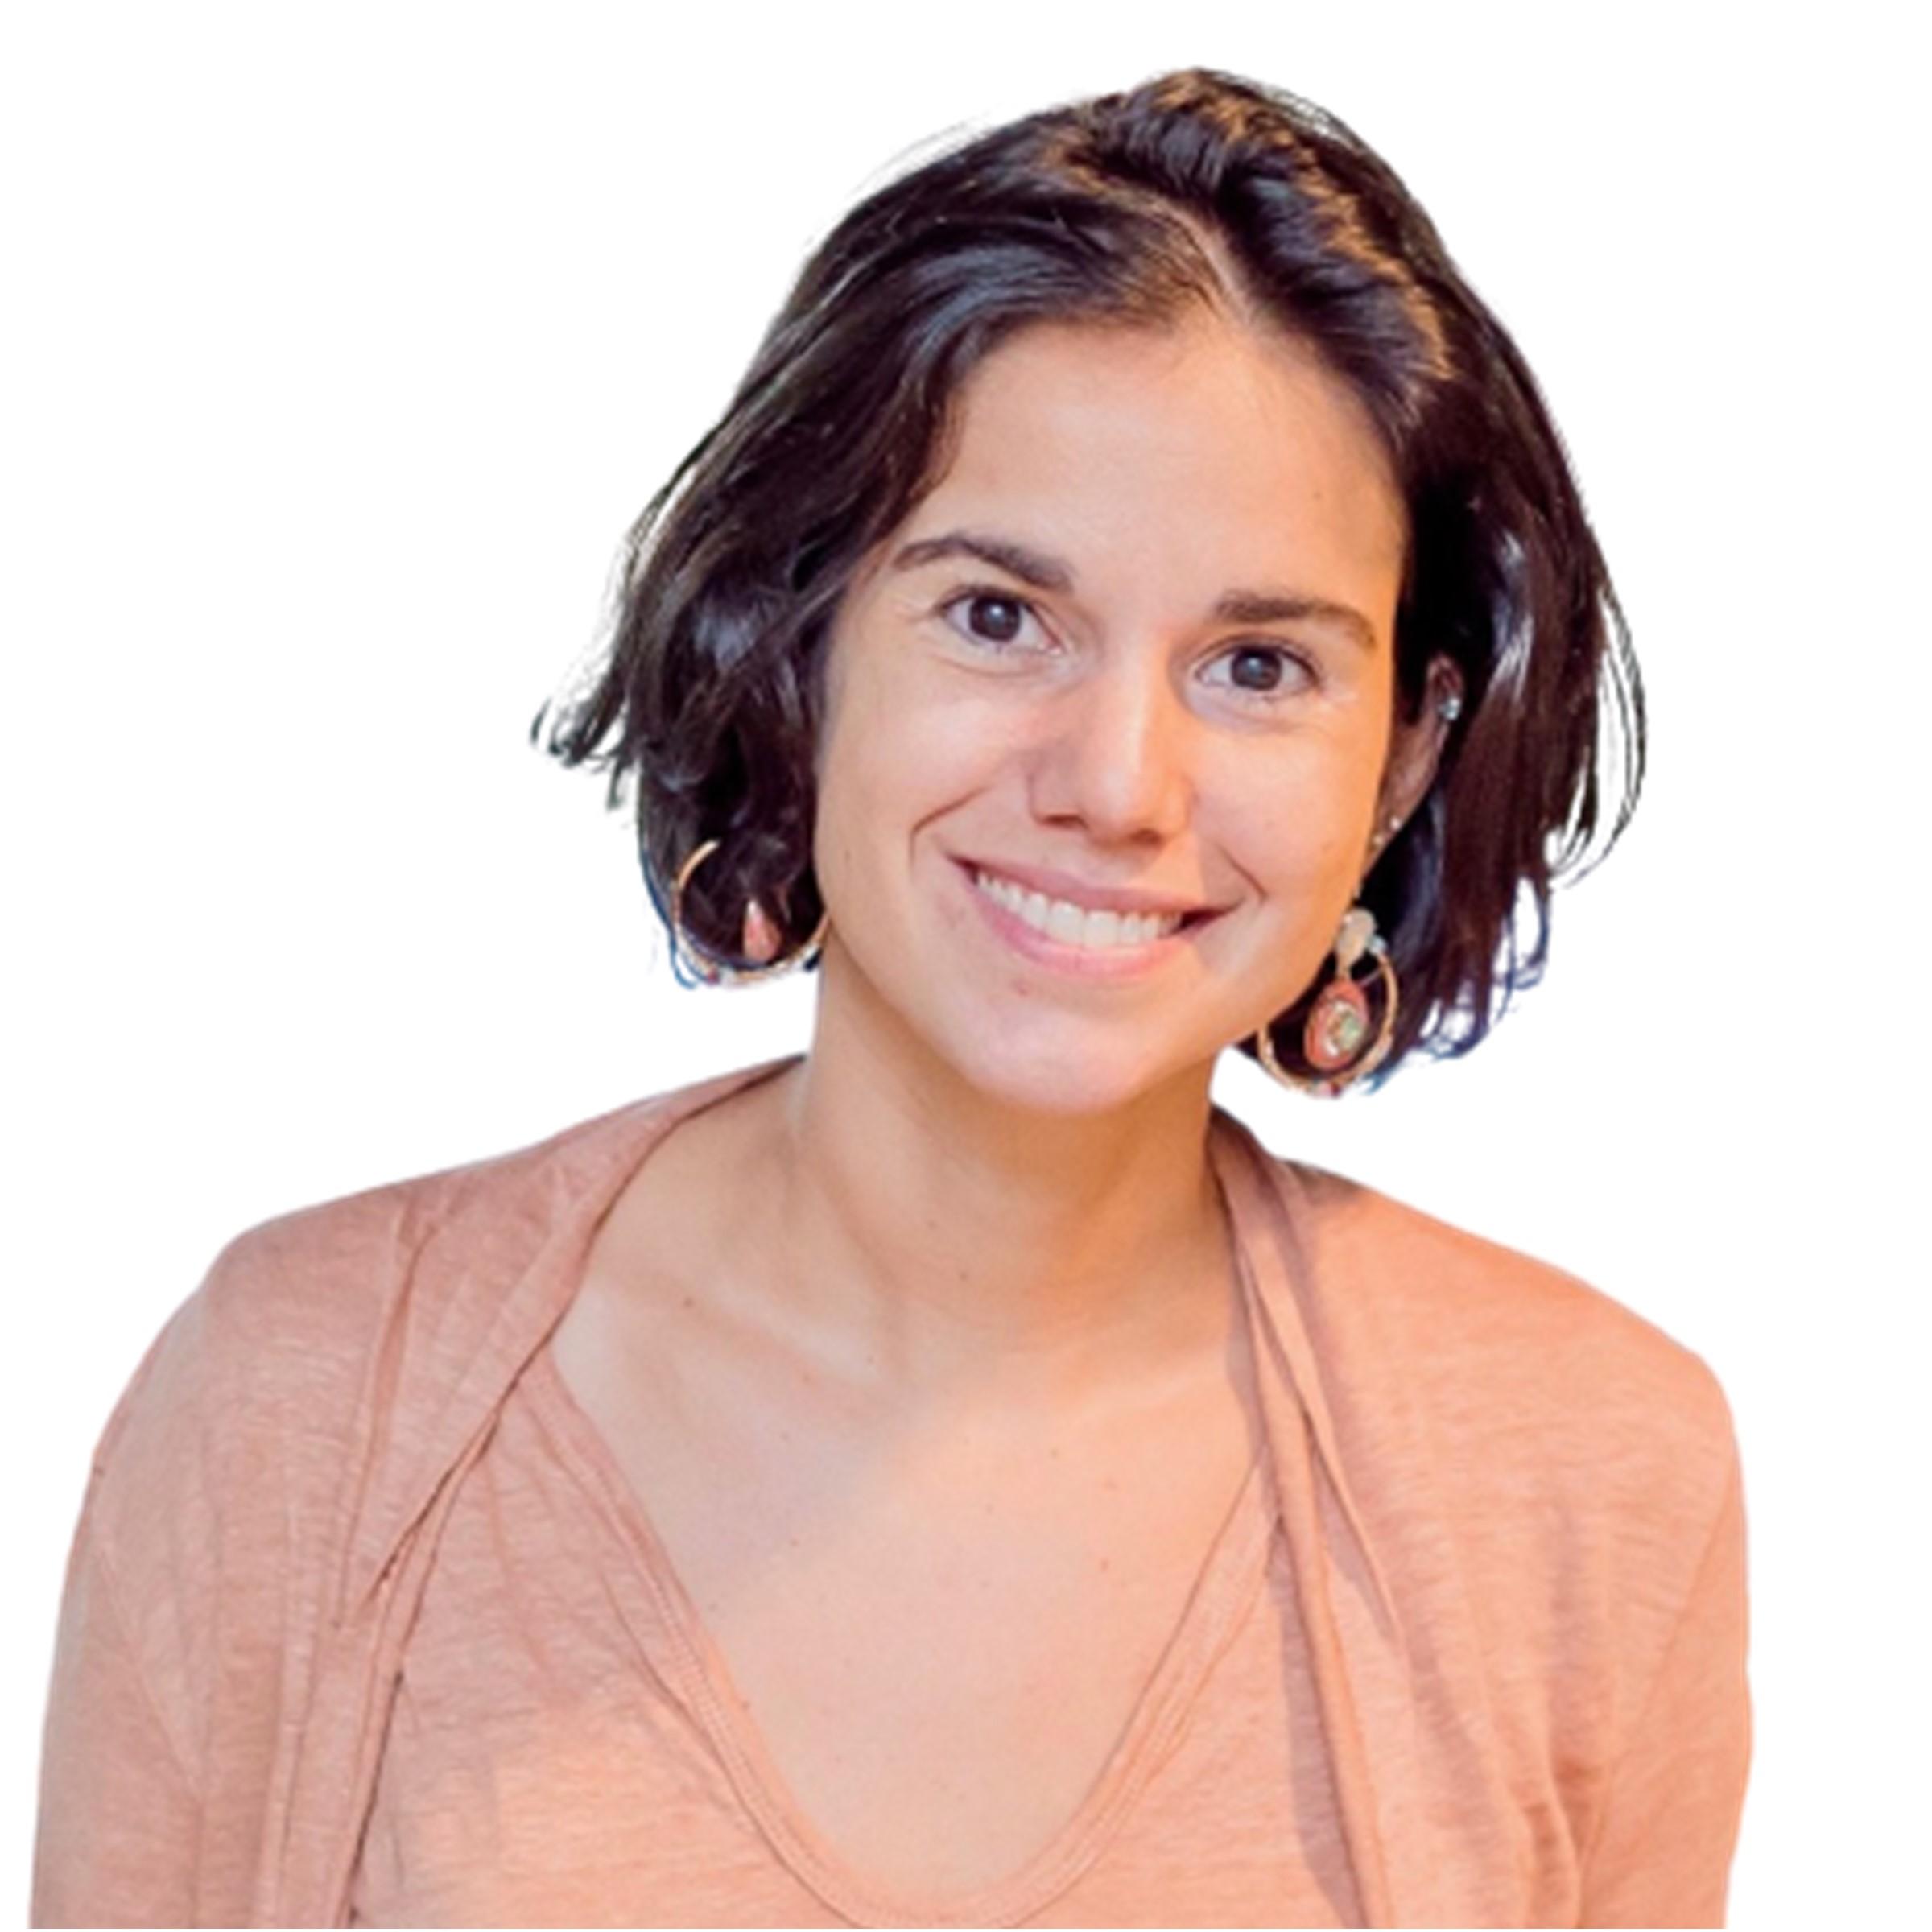 Karen Contet